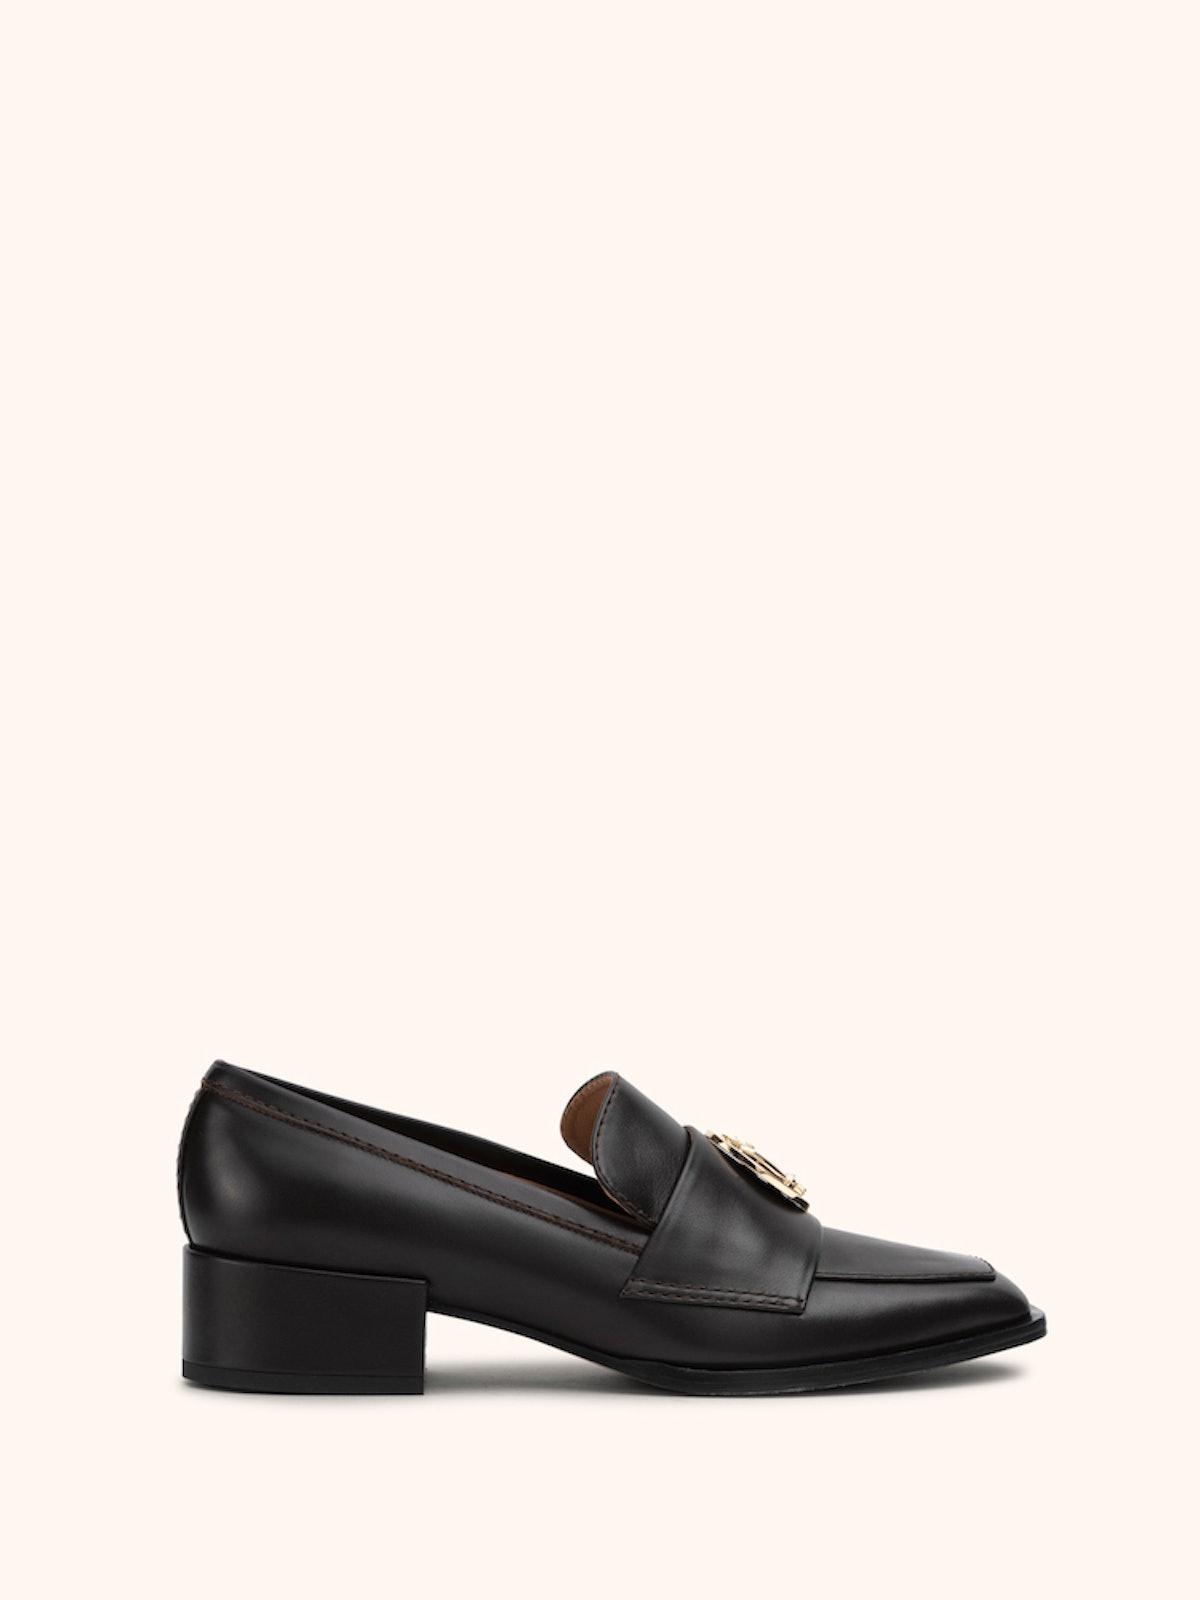 Nono Loafers